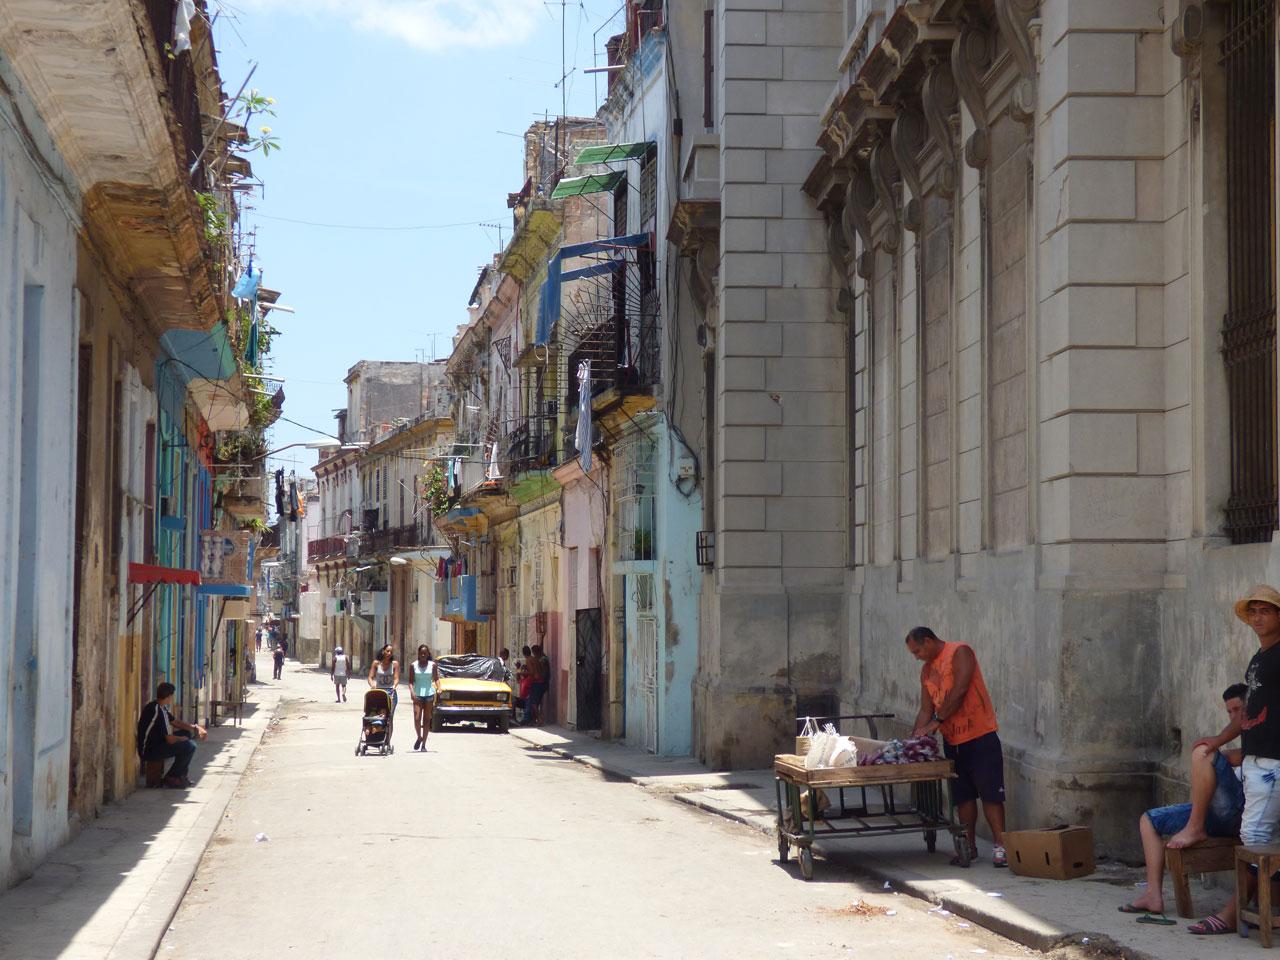 Streets of Centro Habana